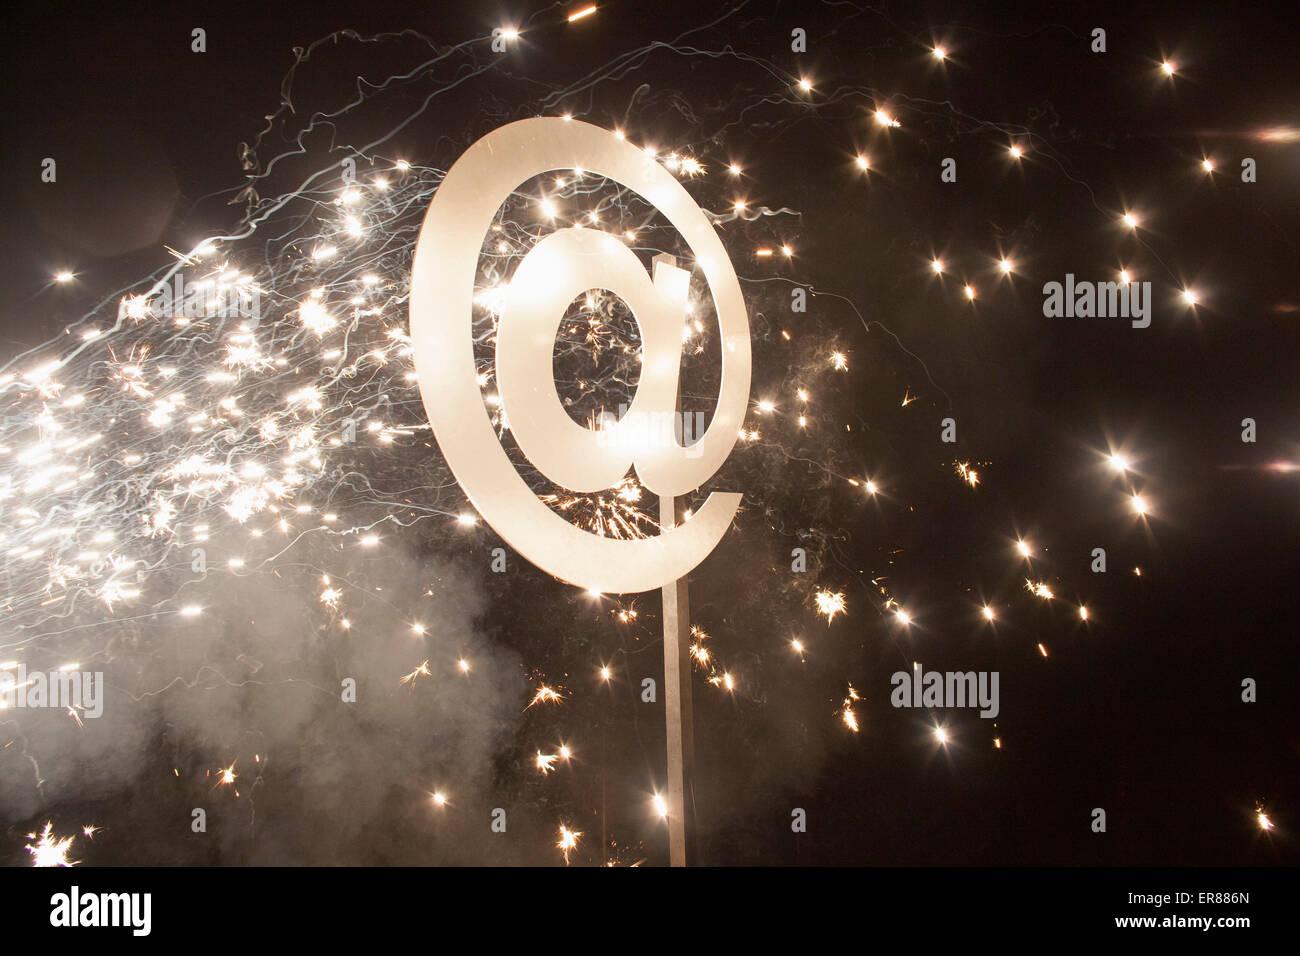 Símbolo iluminado en la noche con fuegos artificiales. Imagen De Stock